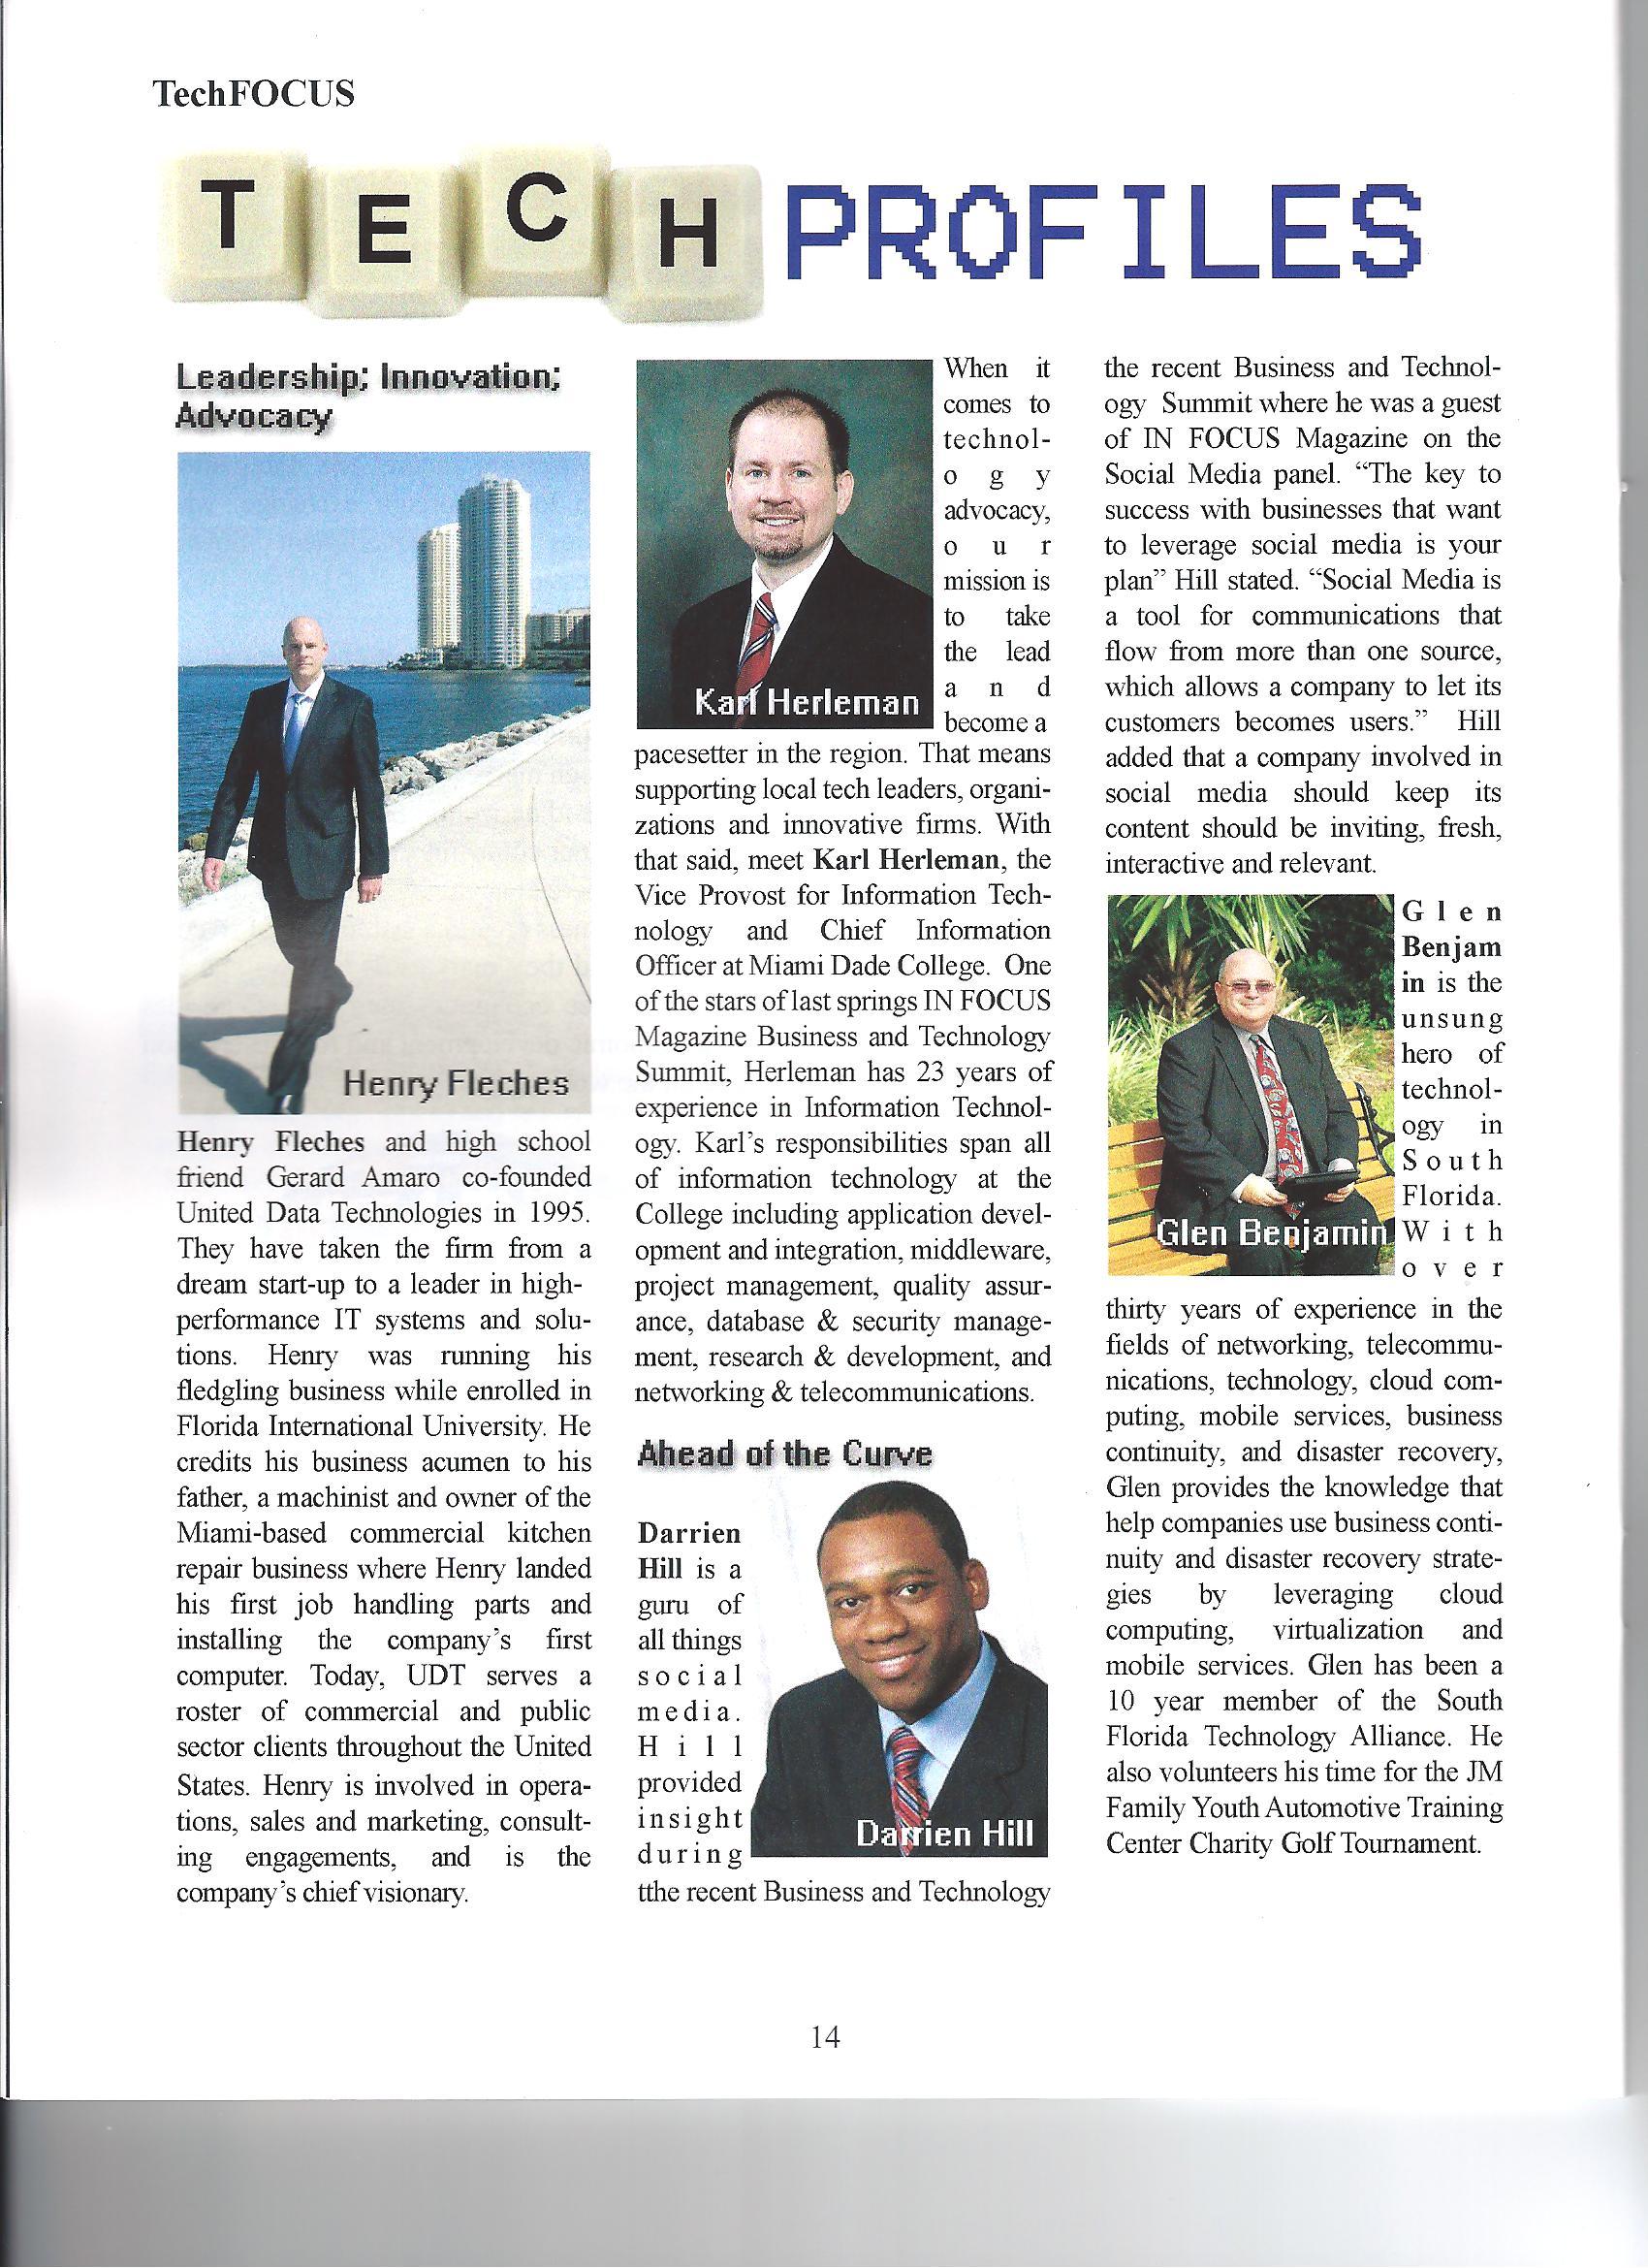 Glen In Focus Magazine